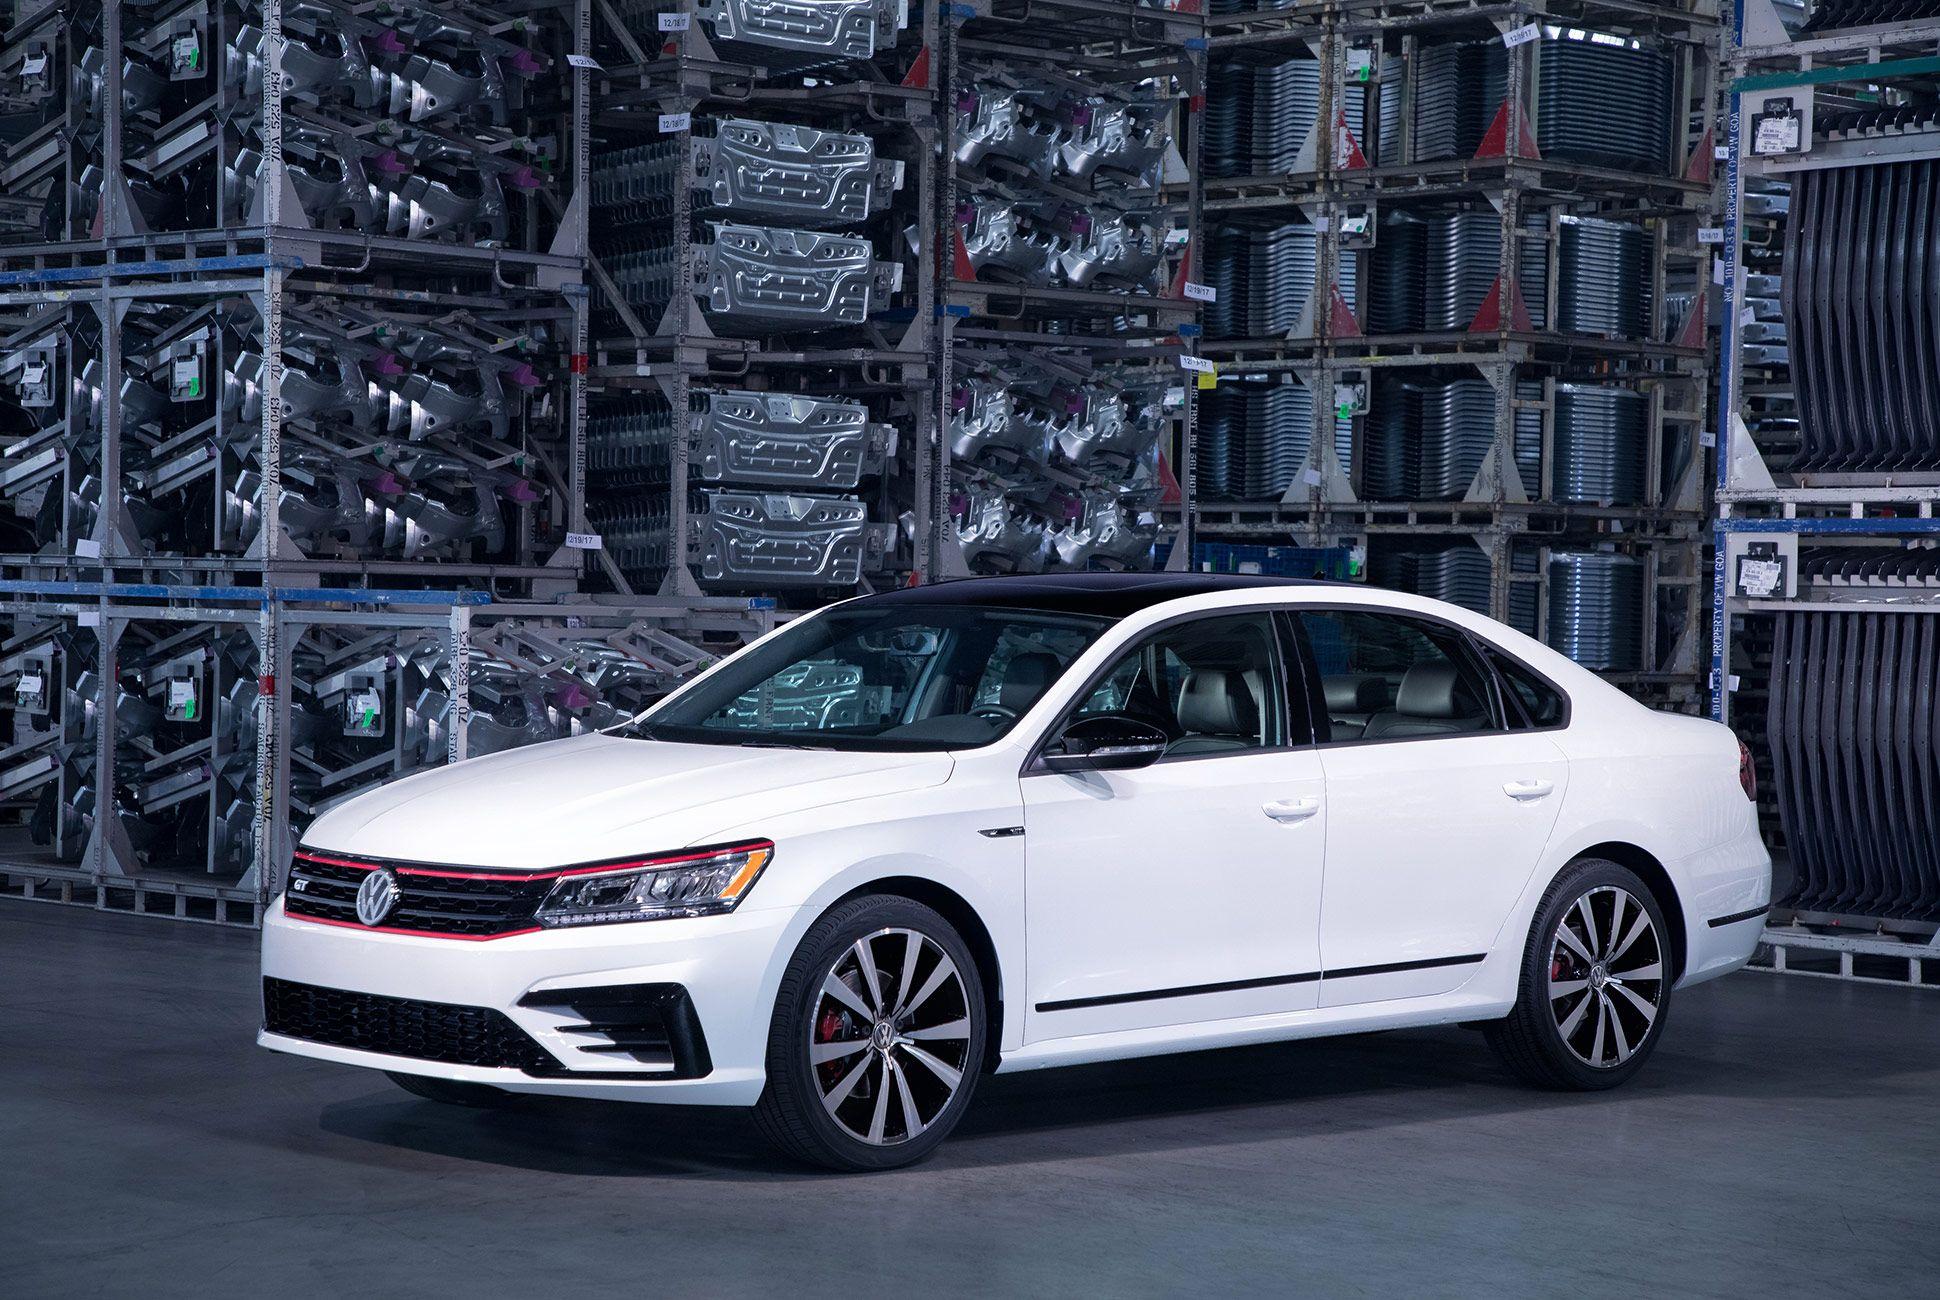 Volkswagen-GT-Passat-gear-patrol-3